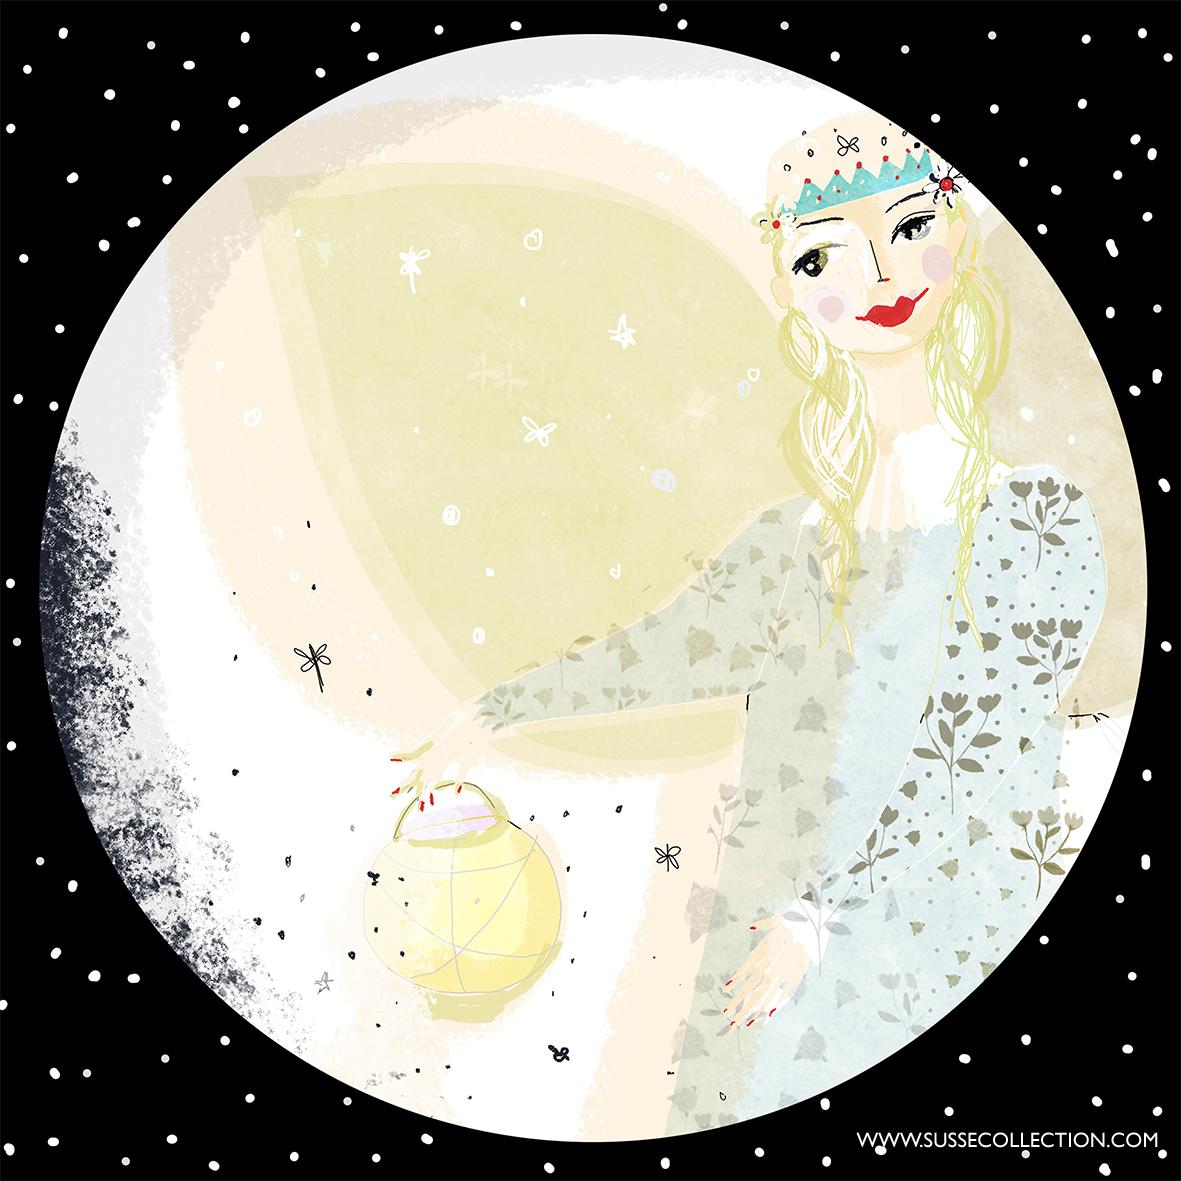 Illustration Le Fée et le Prince des Lumiére _Susse Collection_1.jpg